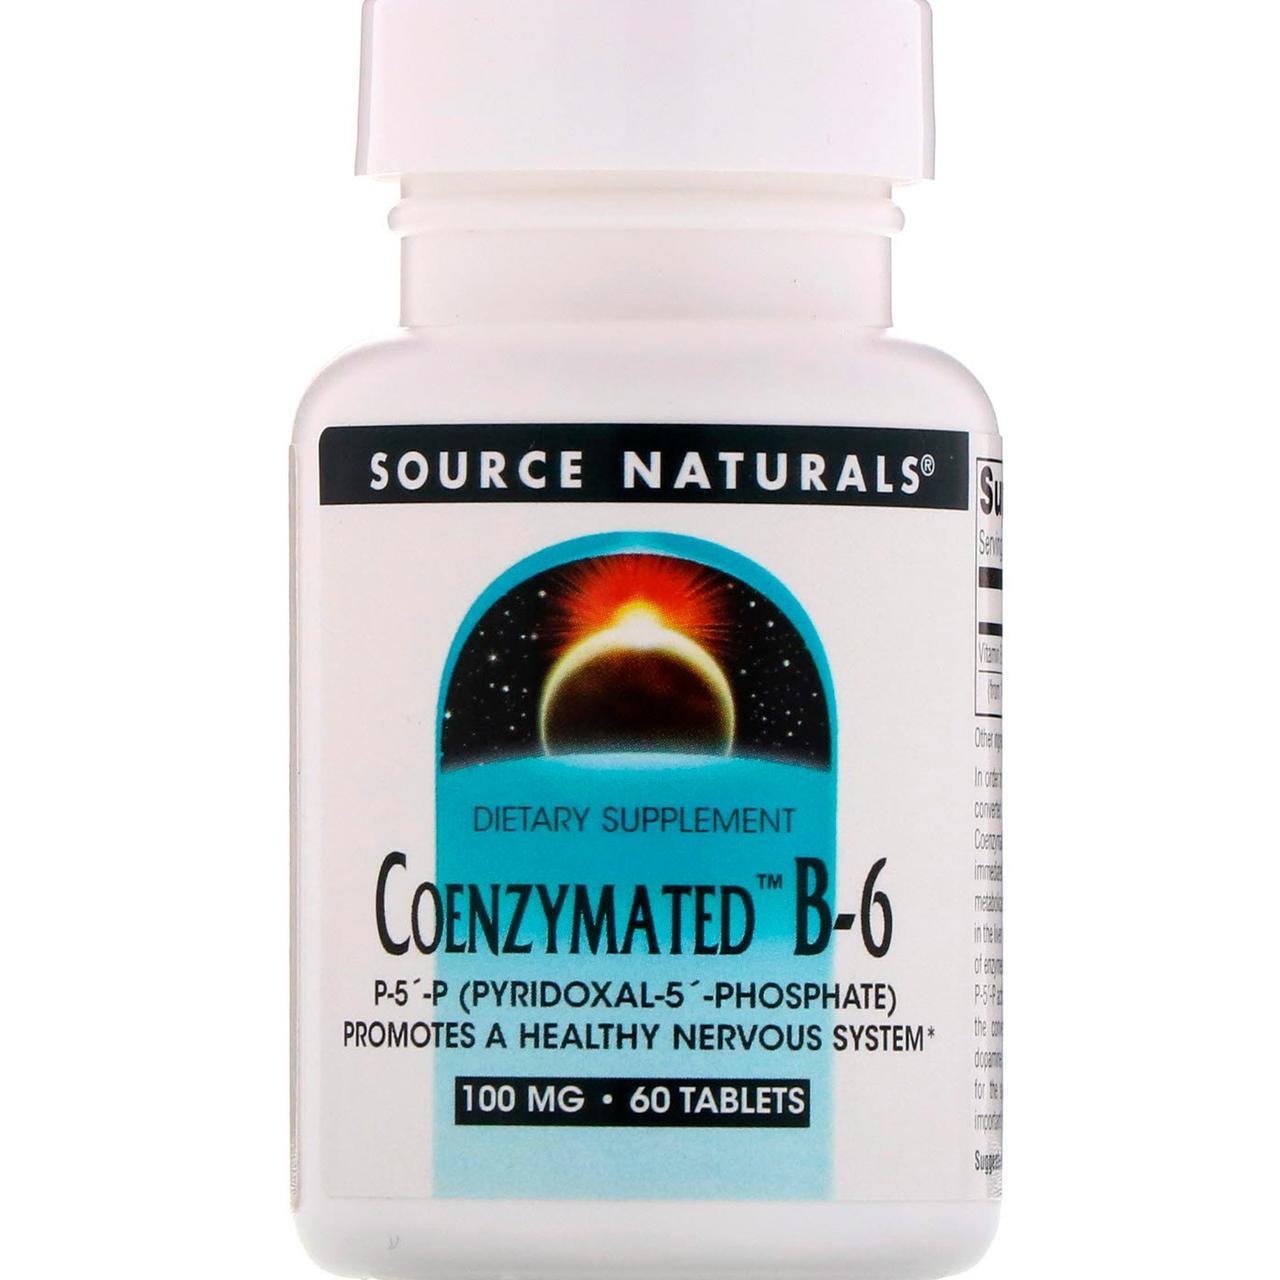 Витамин В6, Source Naturals, коэнзимный,100 мг,60 табл.